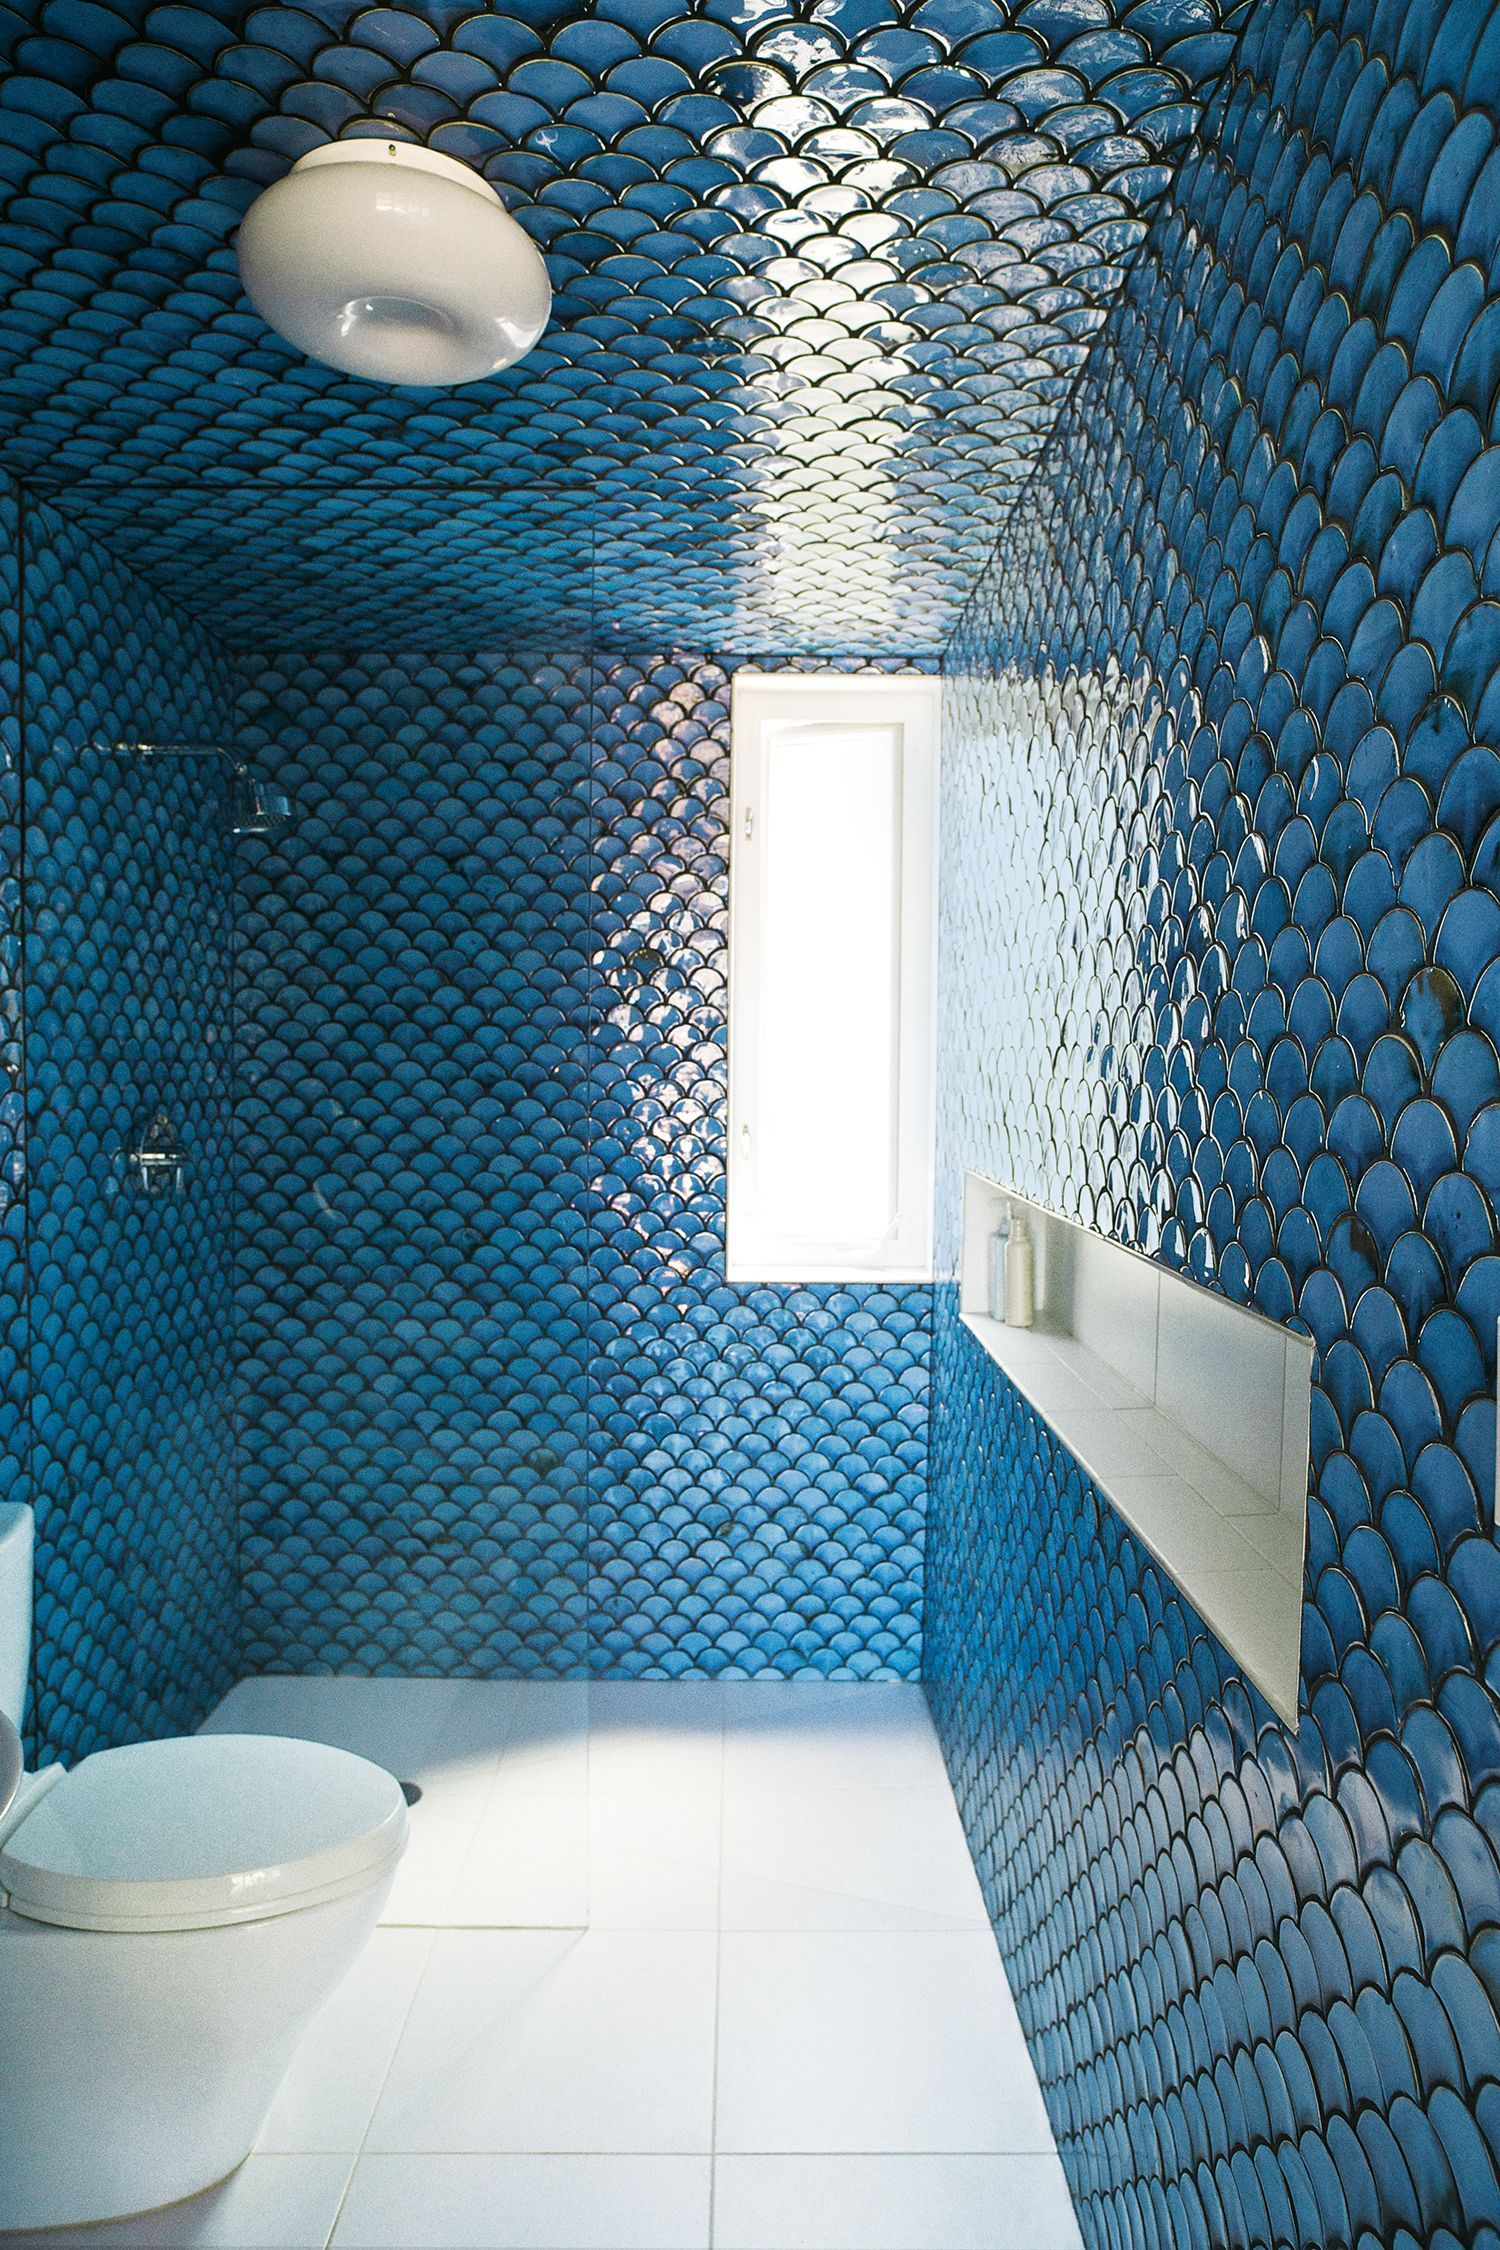 100+ Bathroom Tile Ideas